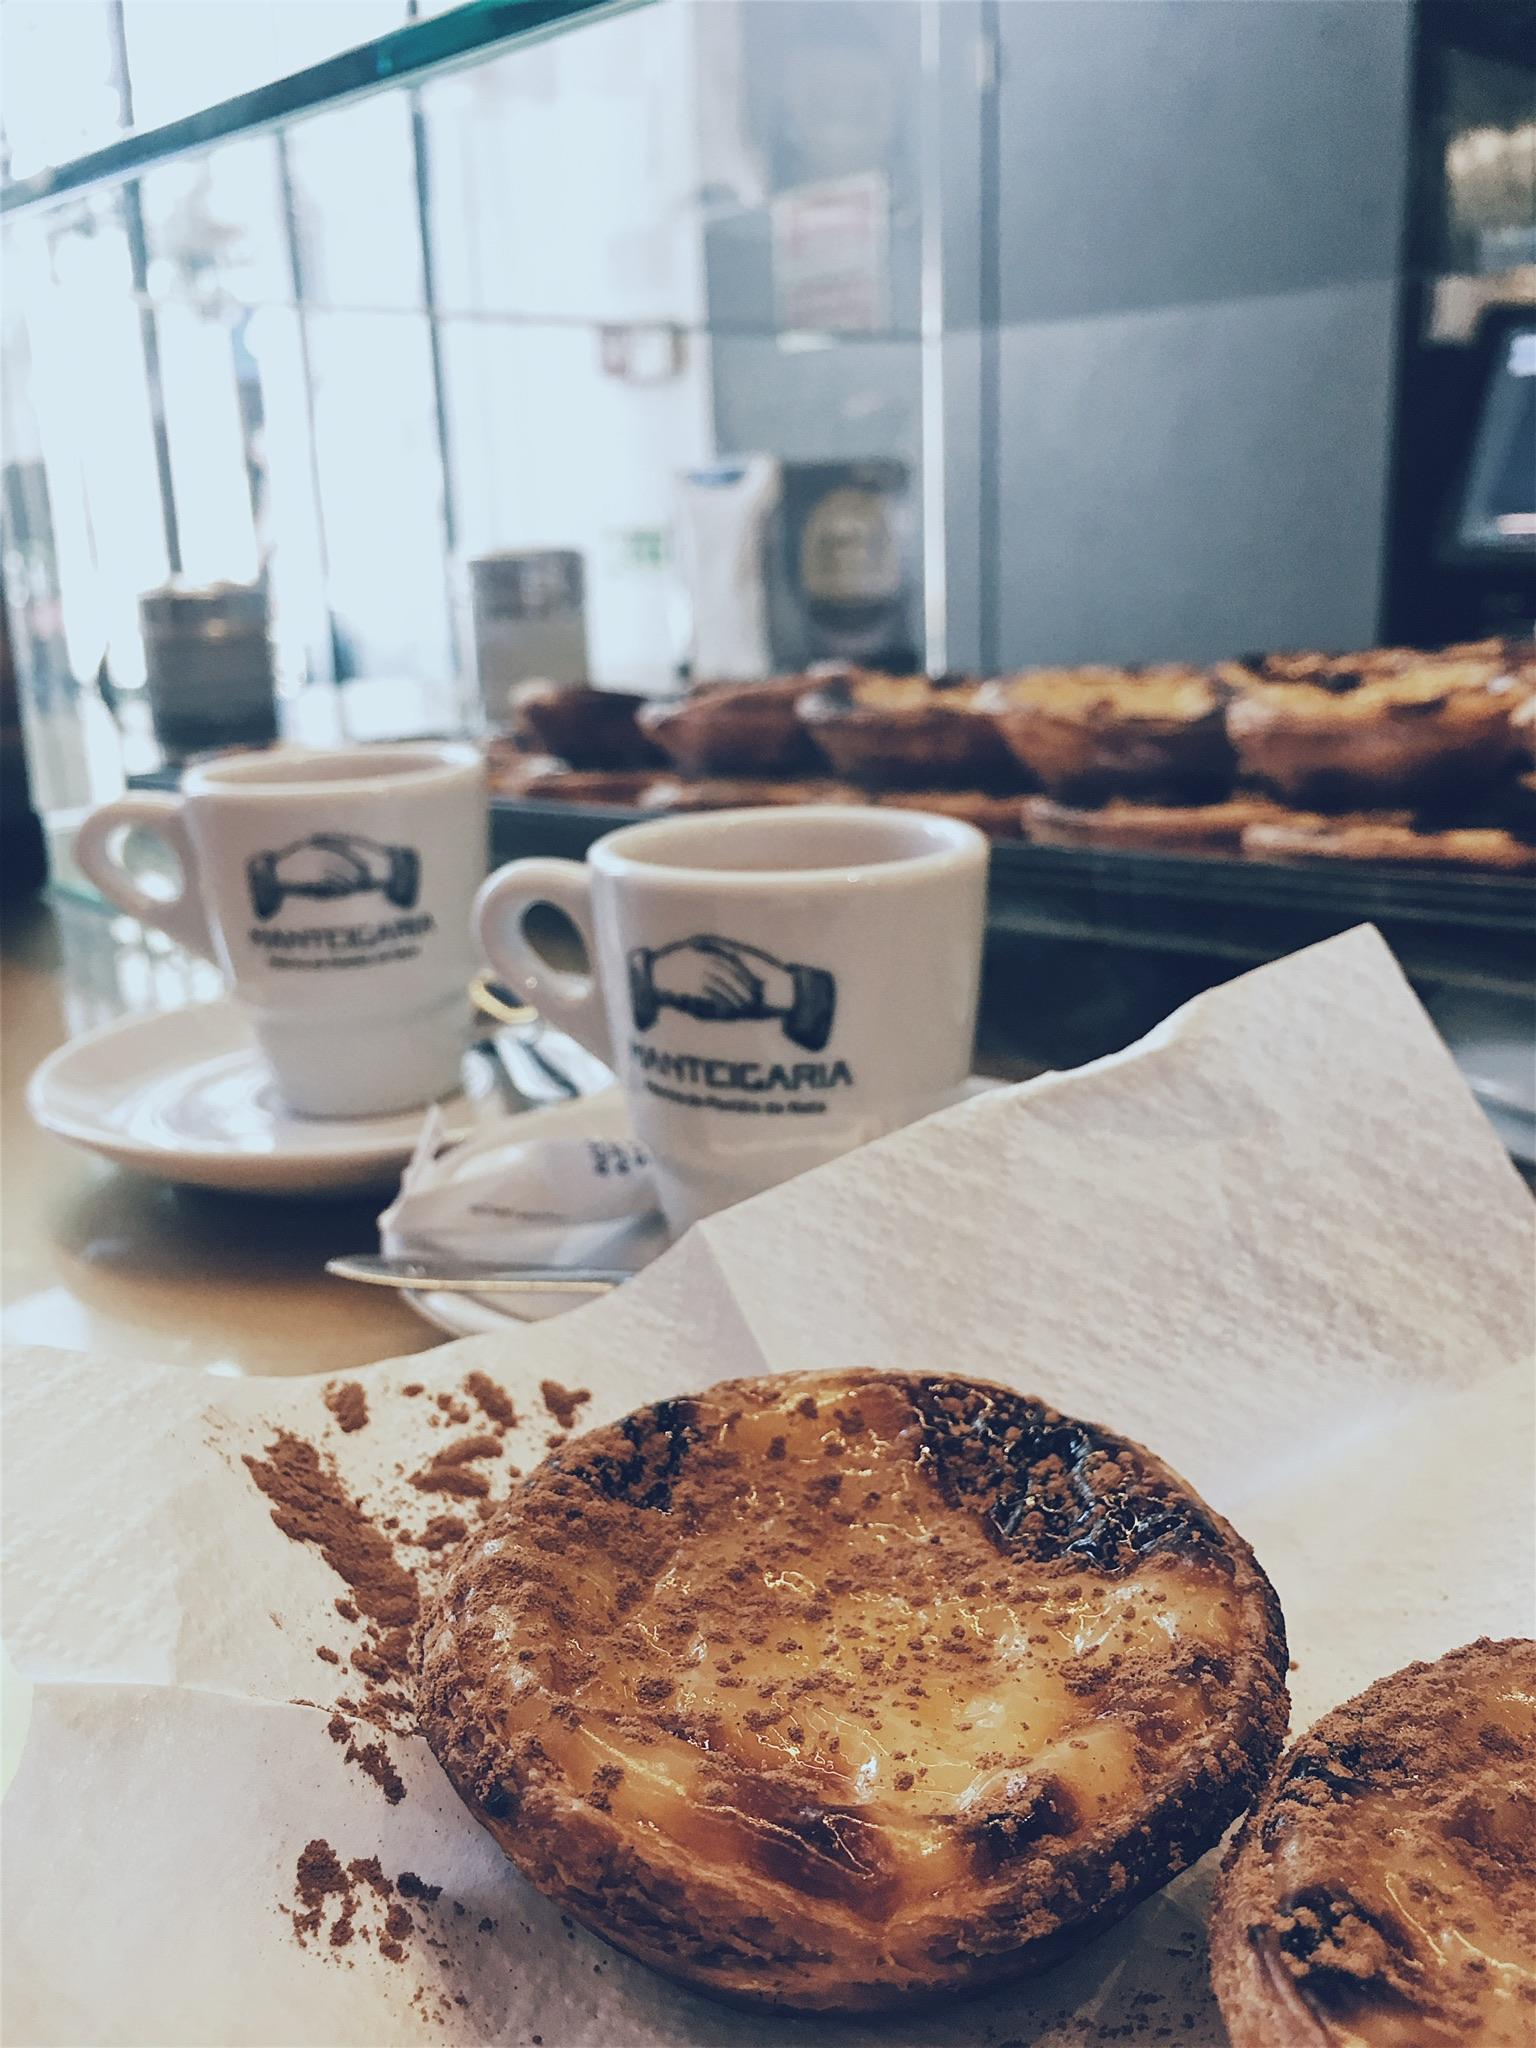 Two pasteis de nata and two espressos